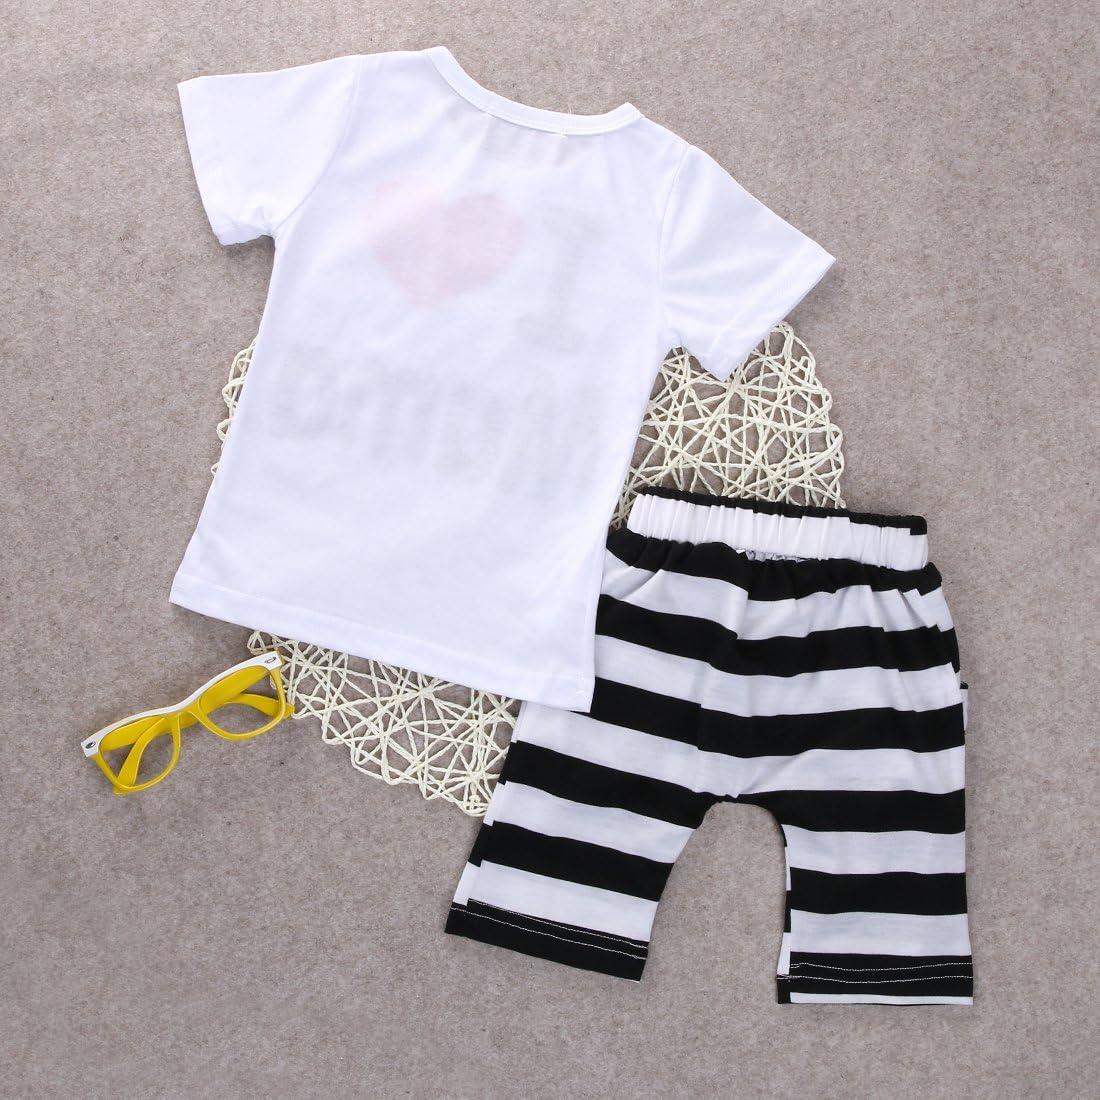 Ich Liebe Papa Baby M/ädchen Junge Unisex T-Shirt Streifen Shorts 2 st/ück Sommer Outfit Set